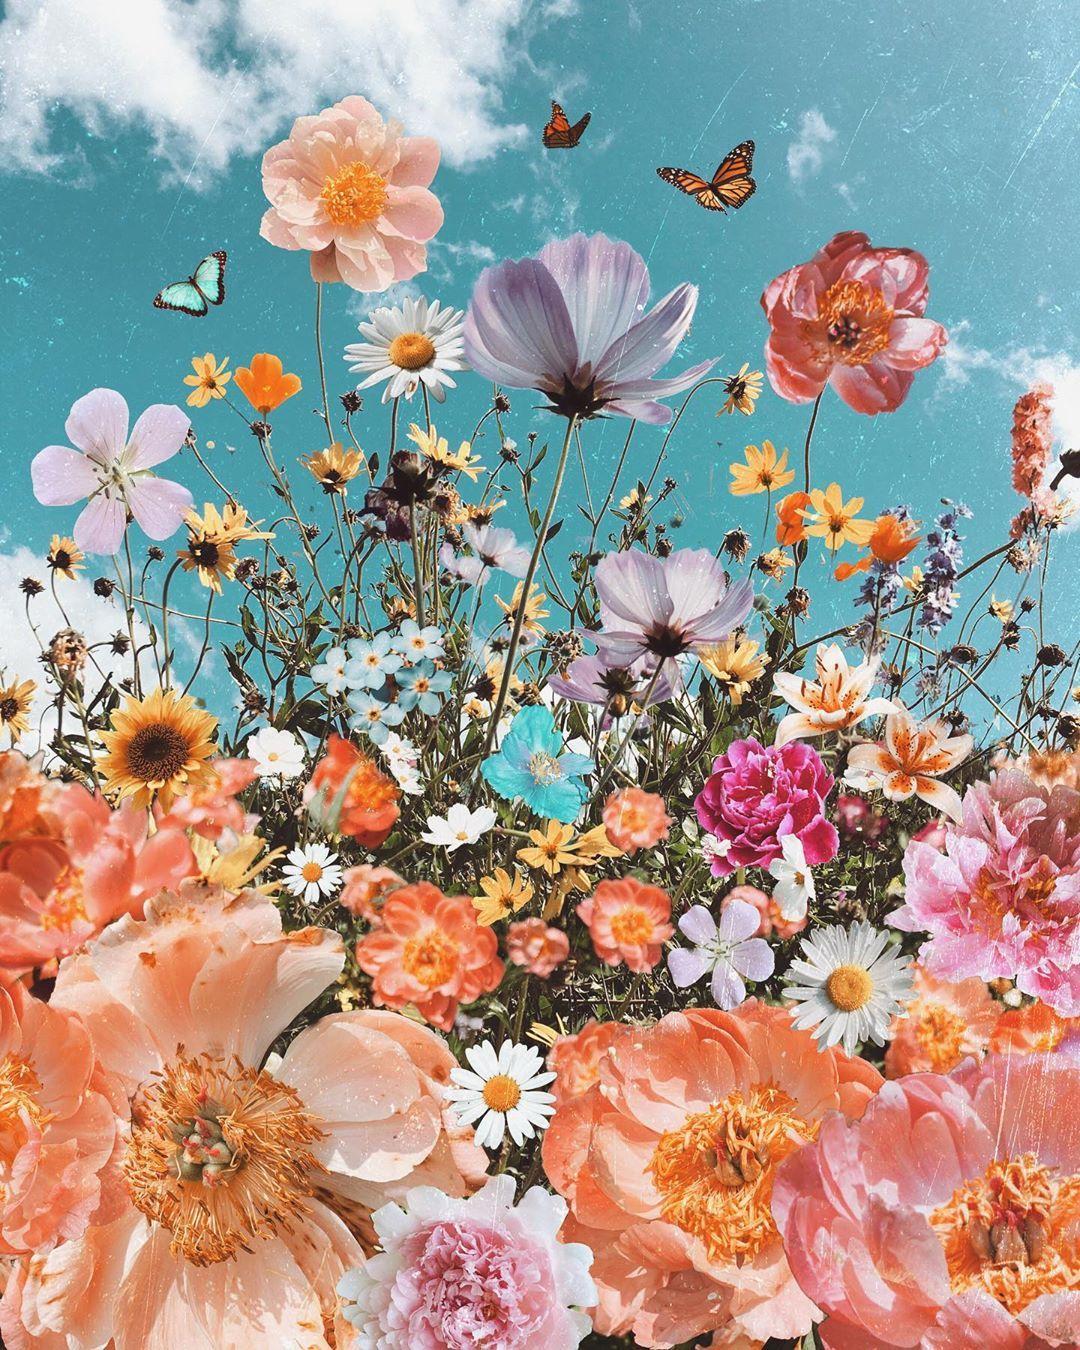 odwyer_sio9 Flower wallpaper, Iphone wallpaper vsco